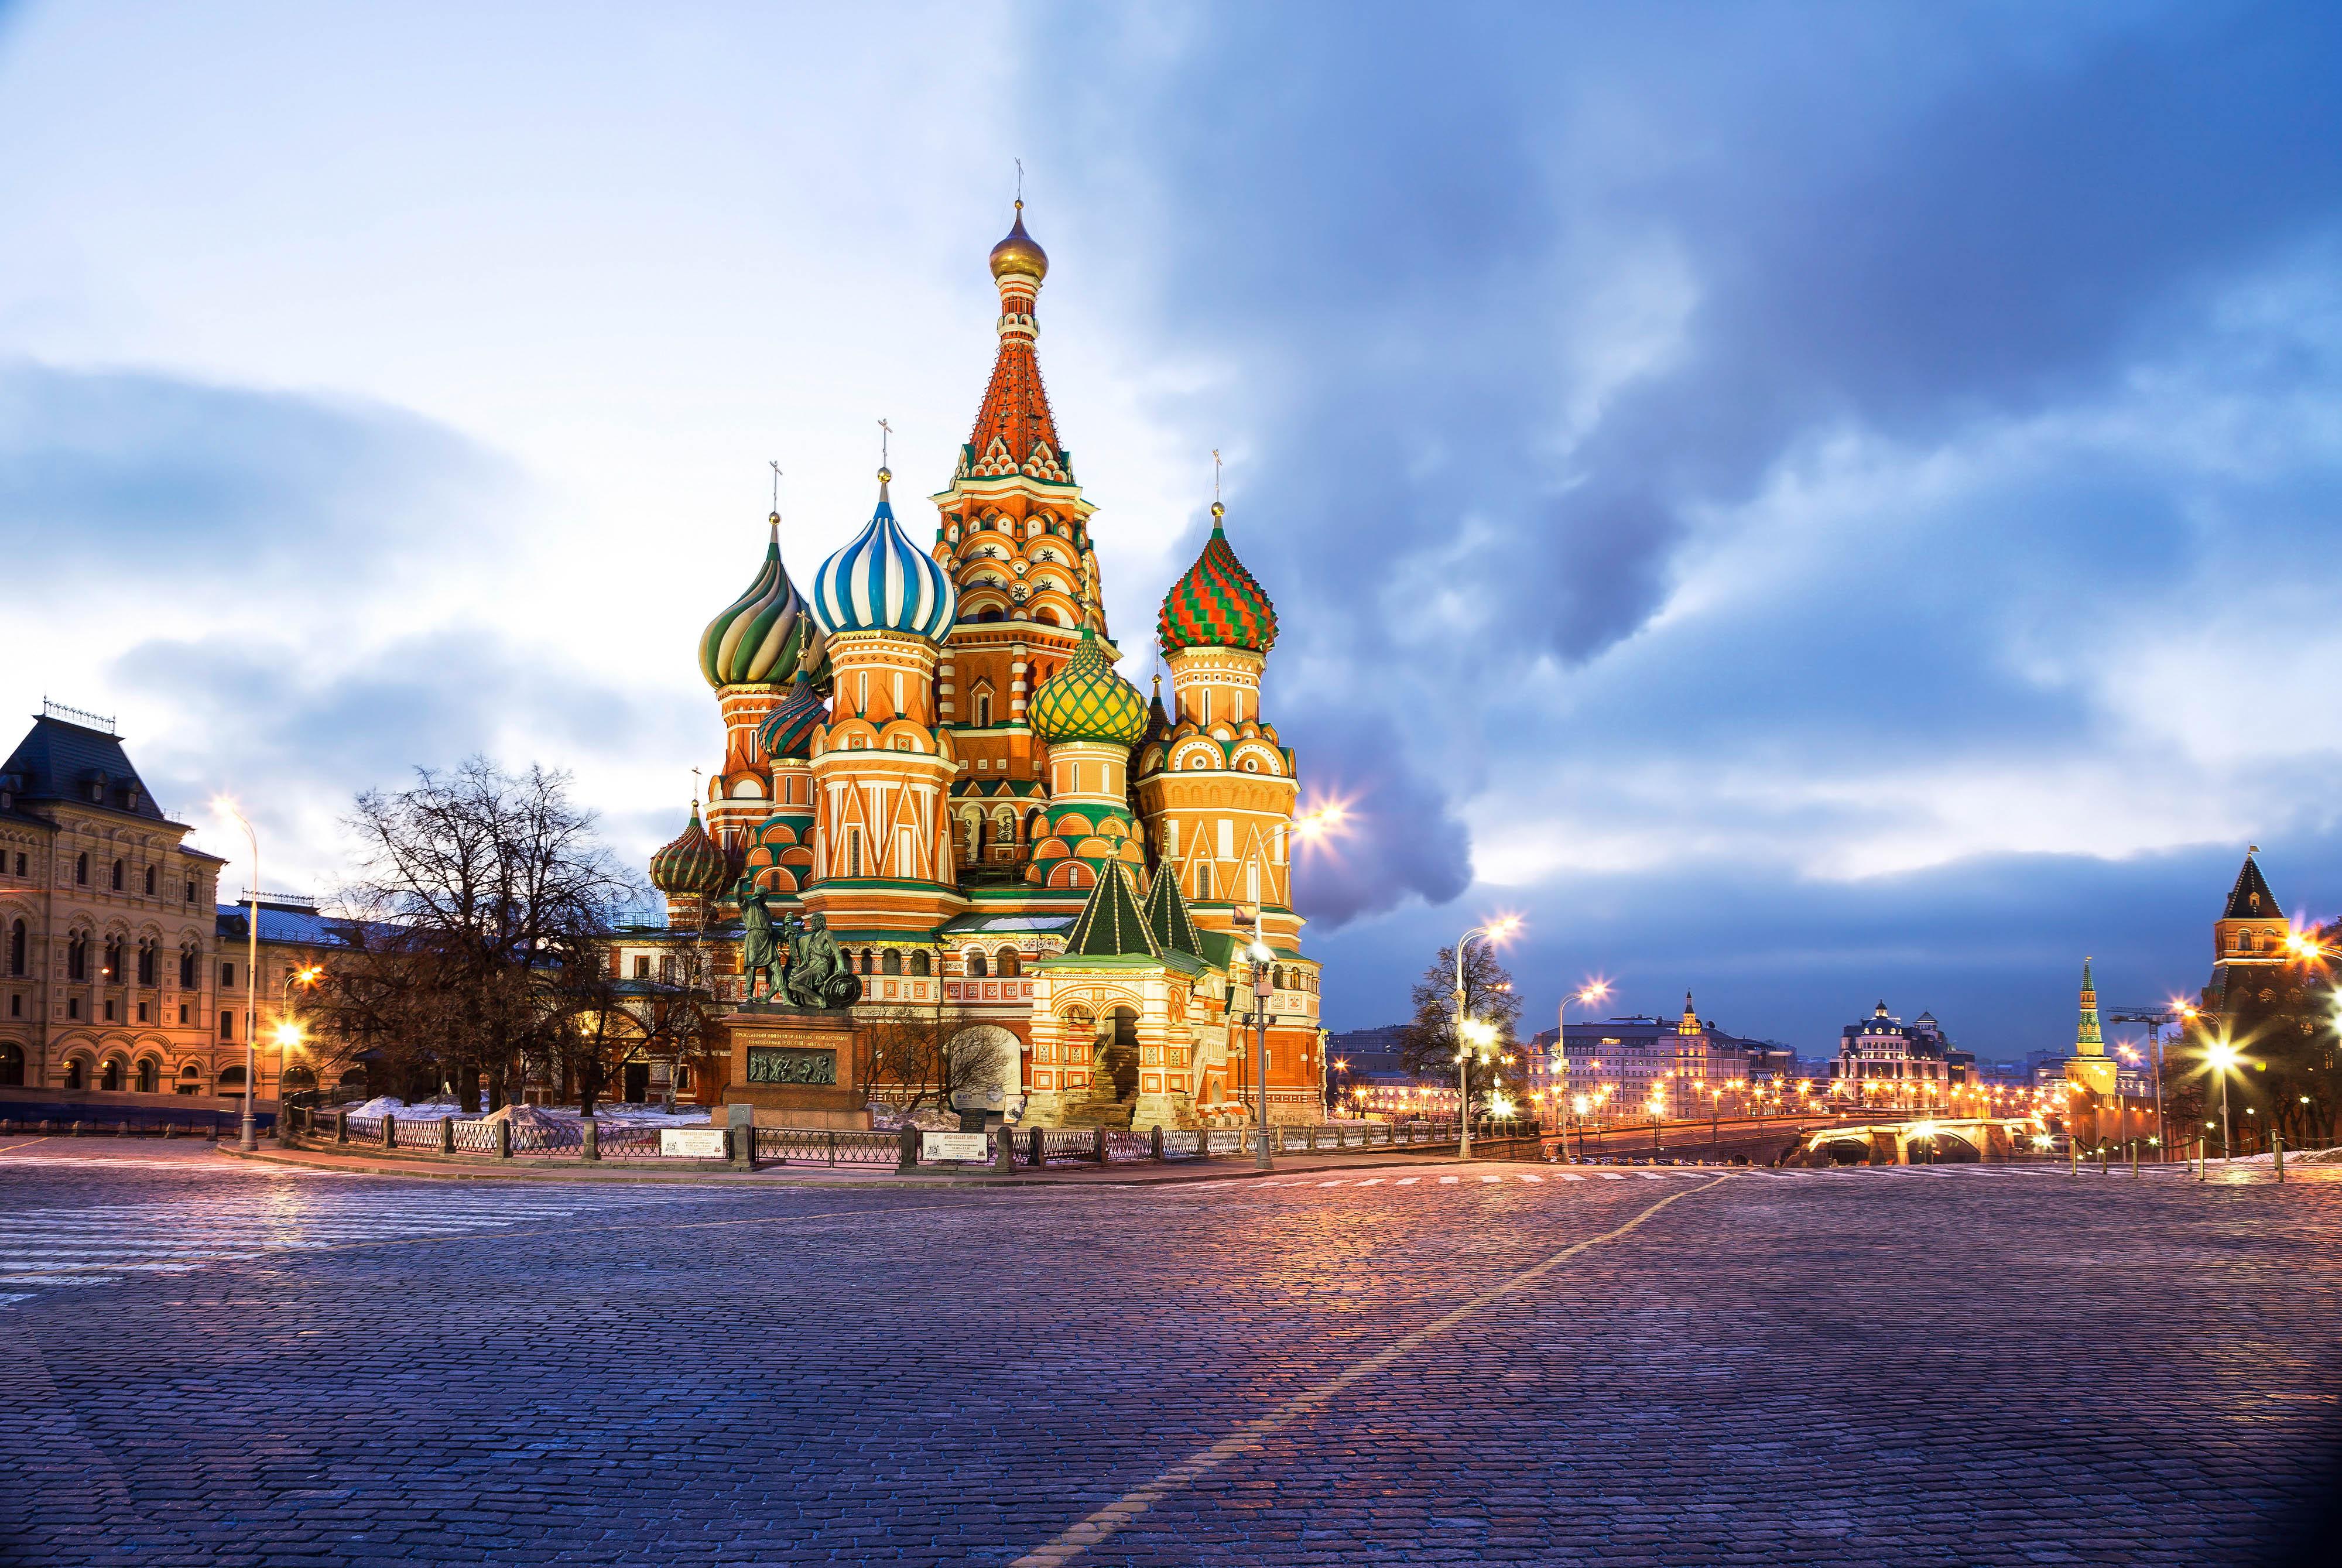 Flüge: Von Köln nach Moskau im Sommer, Hin- und Rückflug inklusive Gepäck